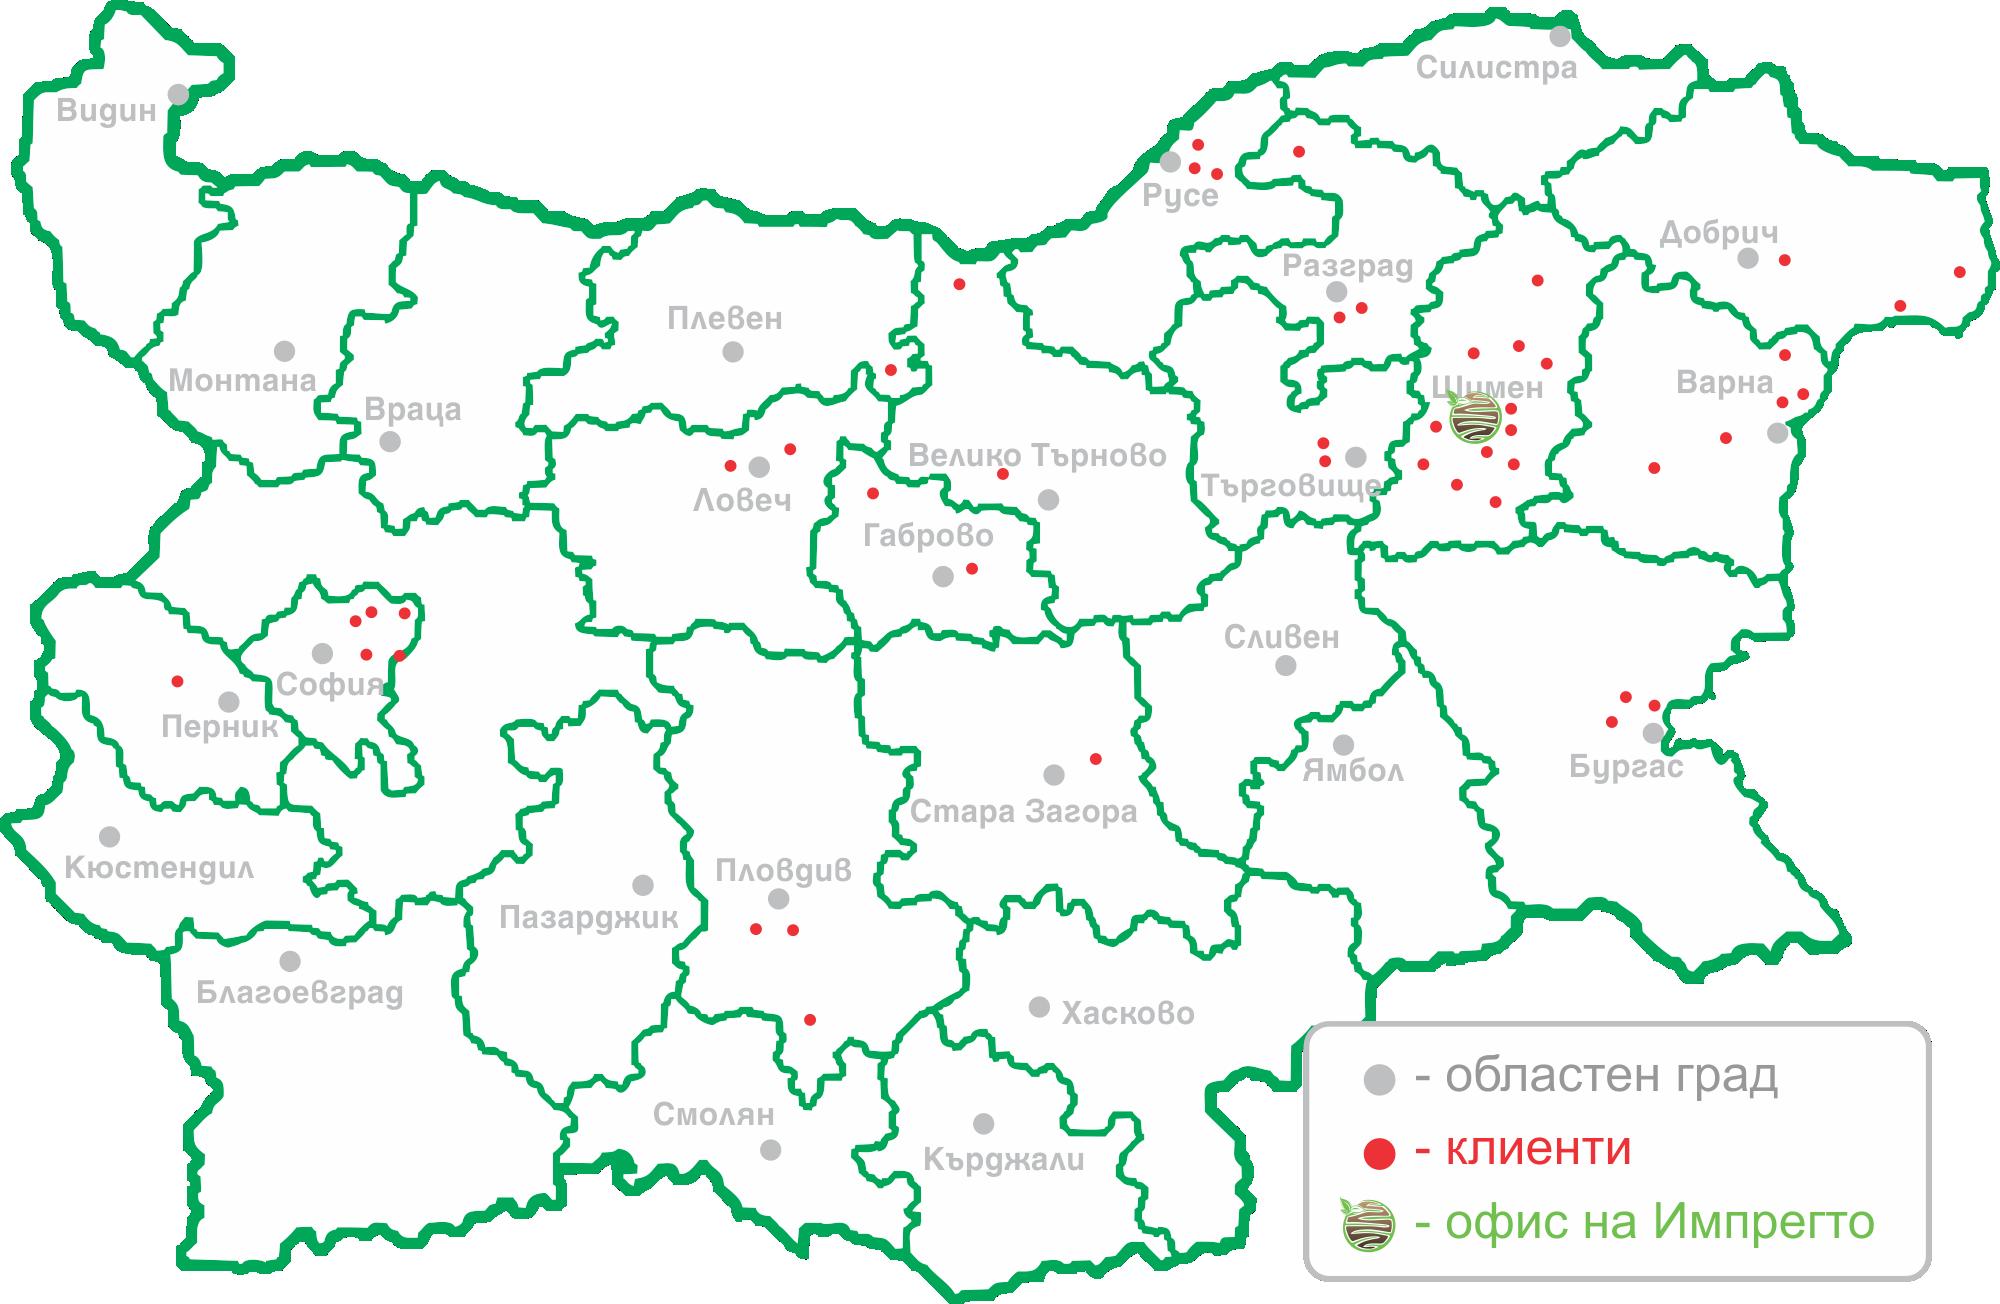 Импрегто клиенти на картата на България